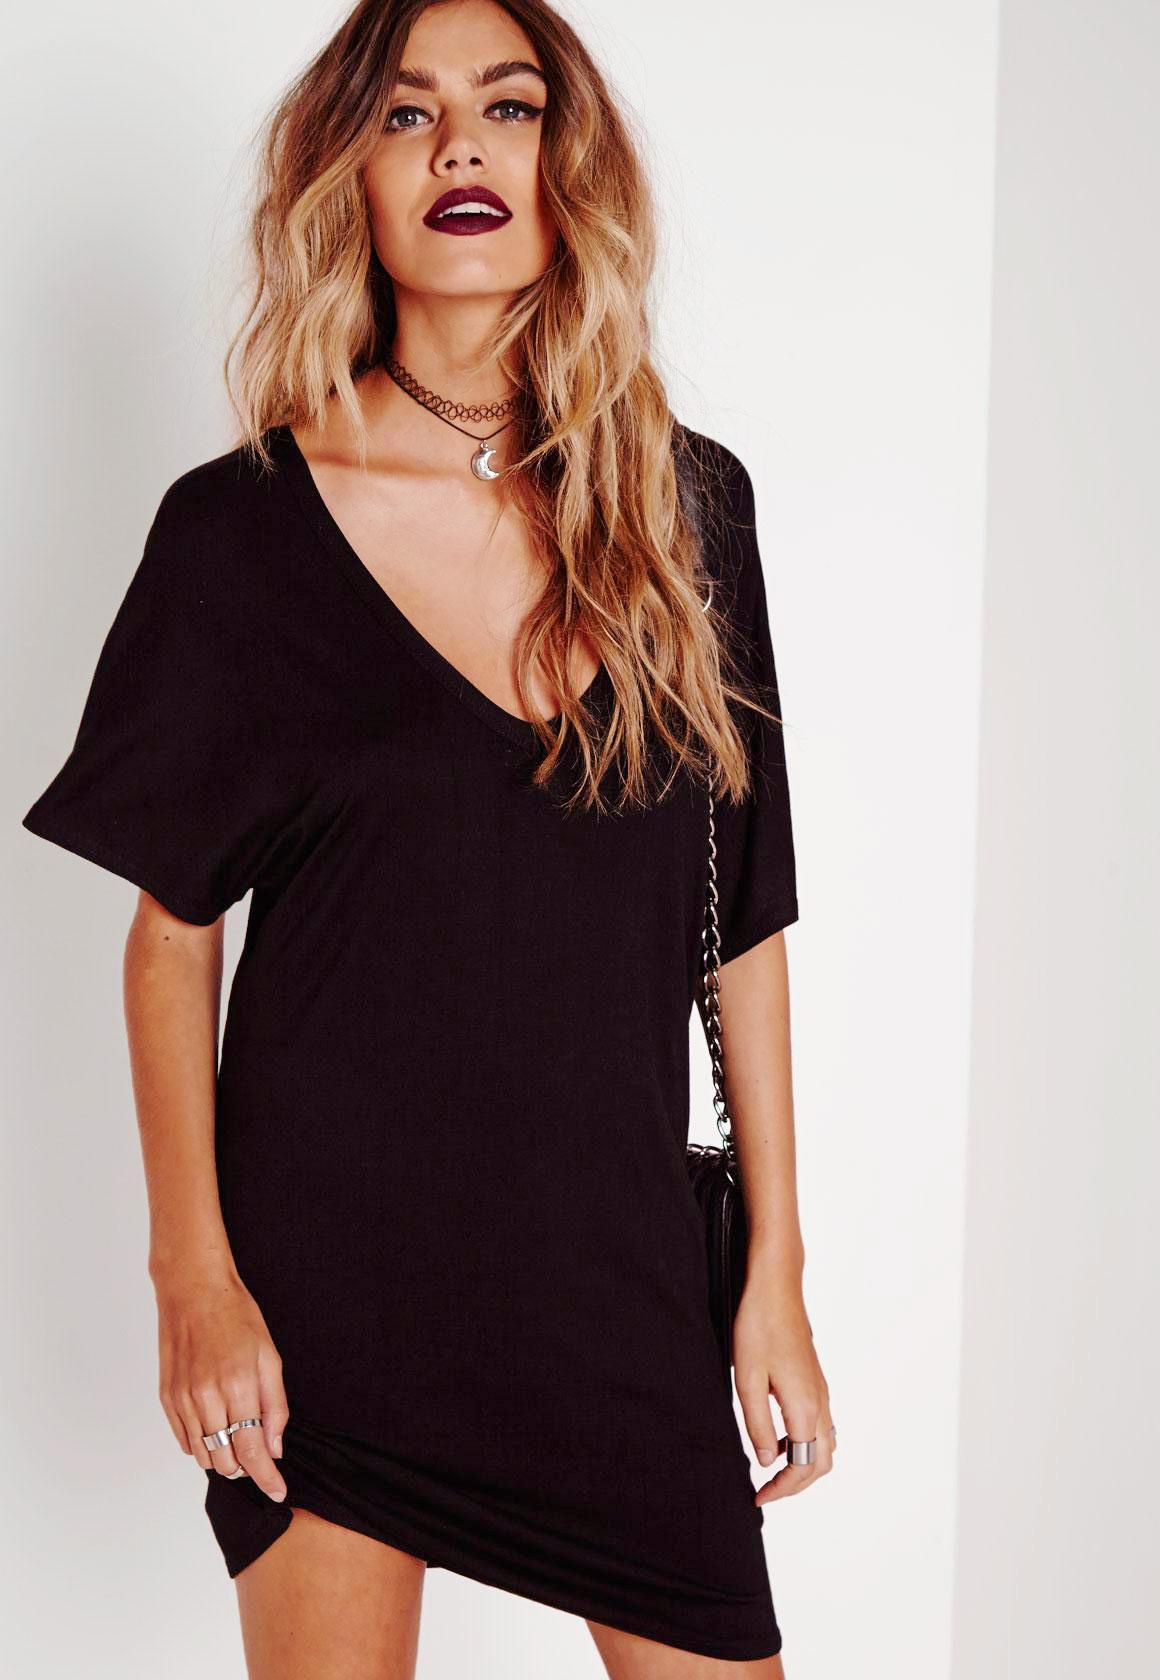 T-Shirt-Kleid mit weitem V-Ausschnitt in Schwarz | Missguided